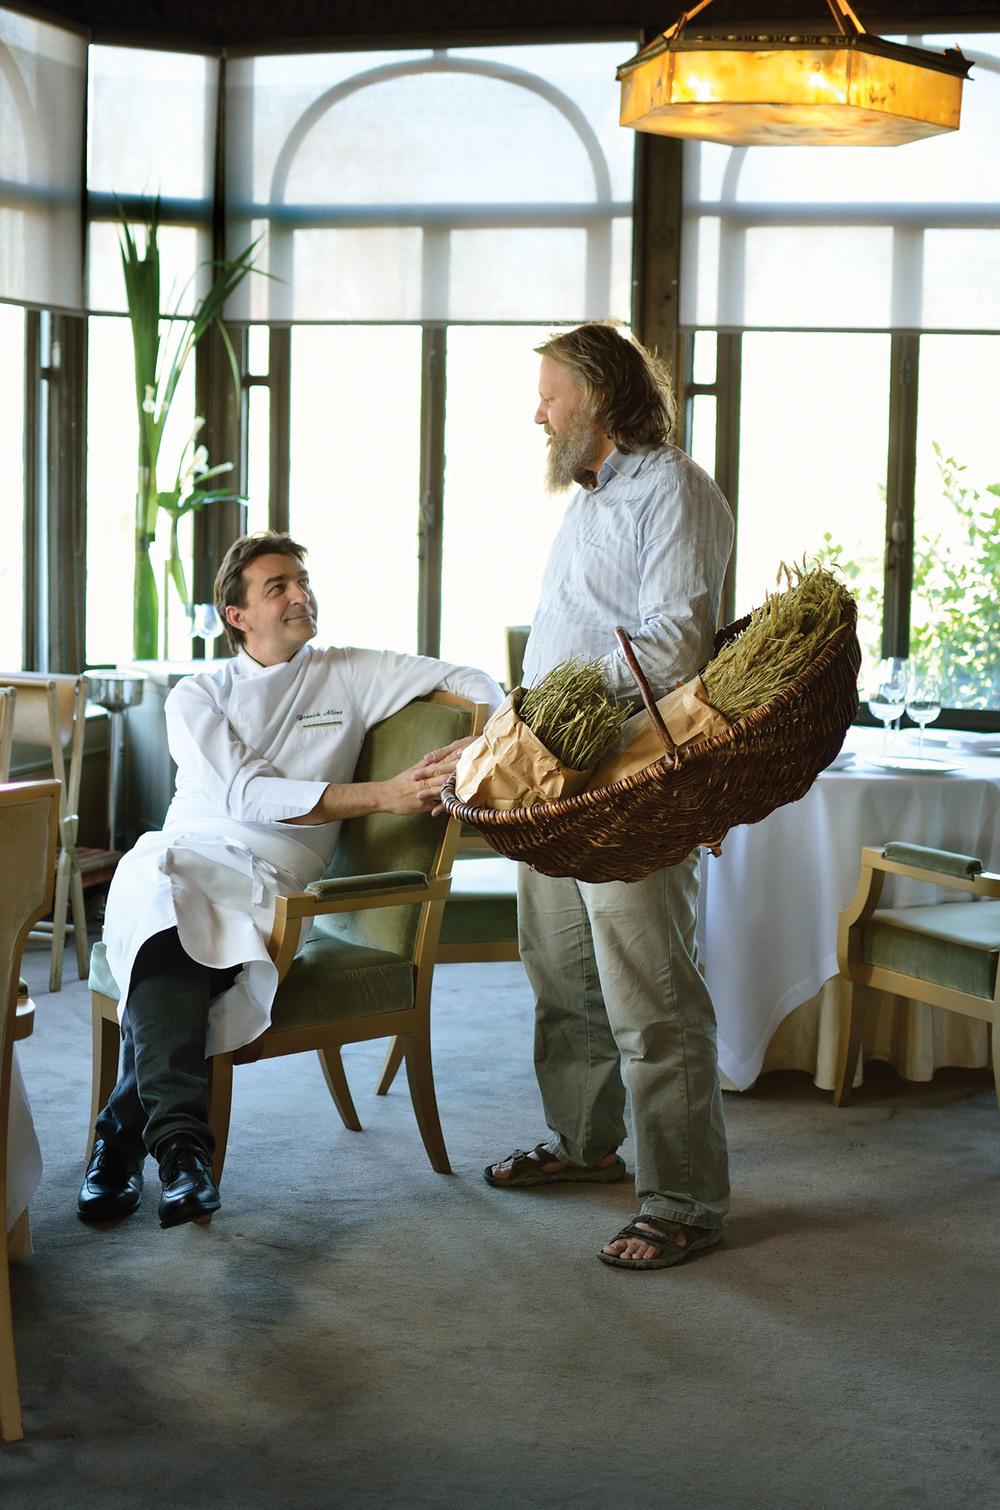 老牌巴黎米其林三星餐廳Ledoyen,坐落在香榭麗舍大道的花園中。一個天氣晴好的上午,Stéphane為大廚Yannick Alléno送來了各種藥草。